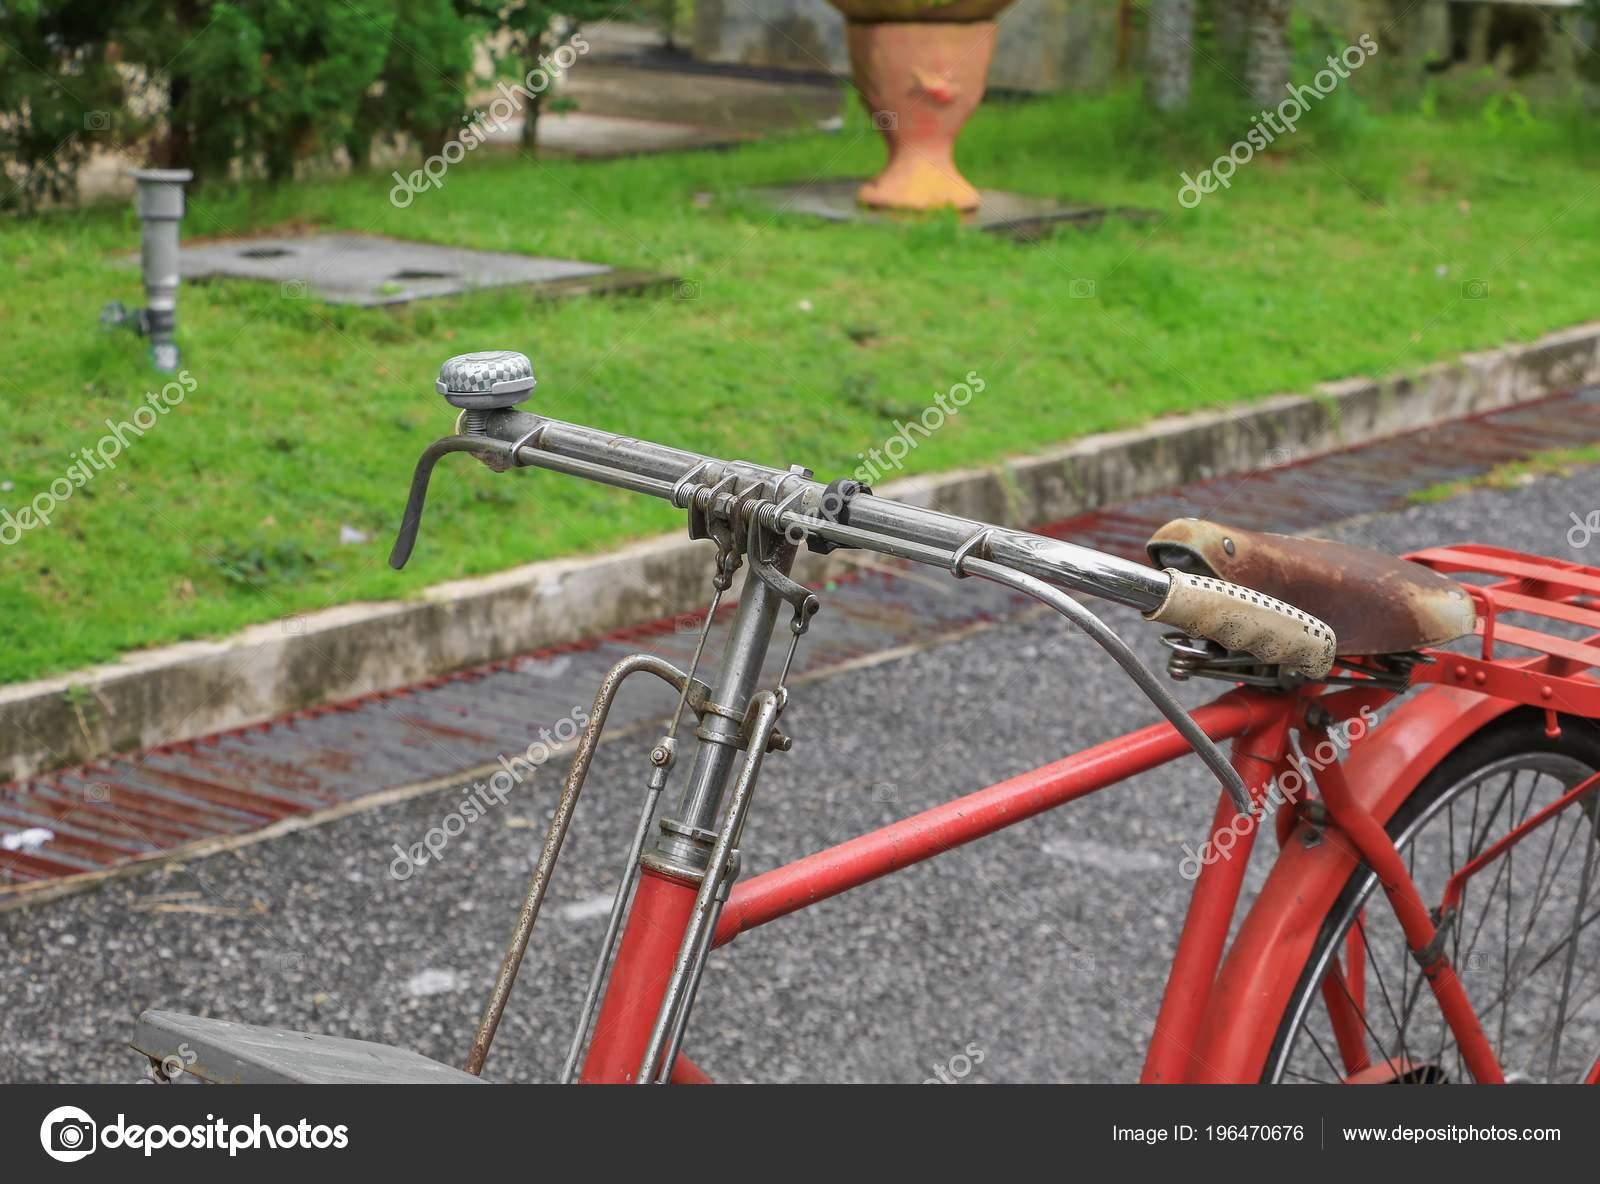 Classico Vintage Bicicletta Rossa Nei Precedenti Bella Con Spazio